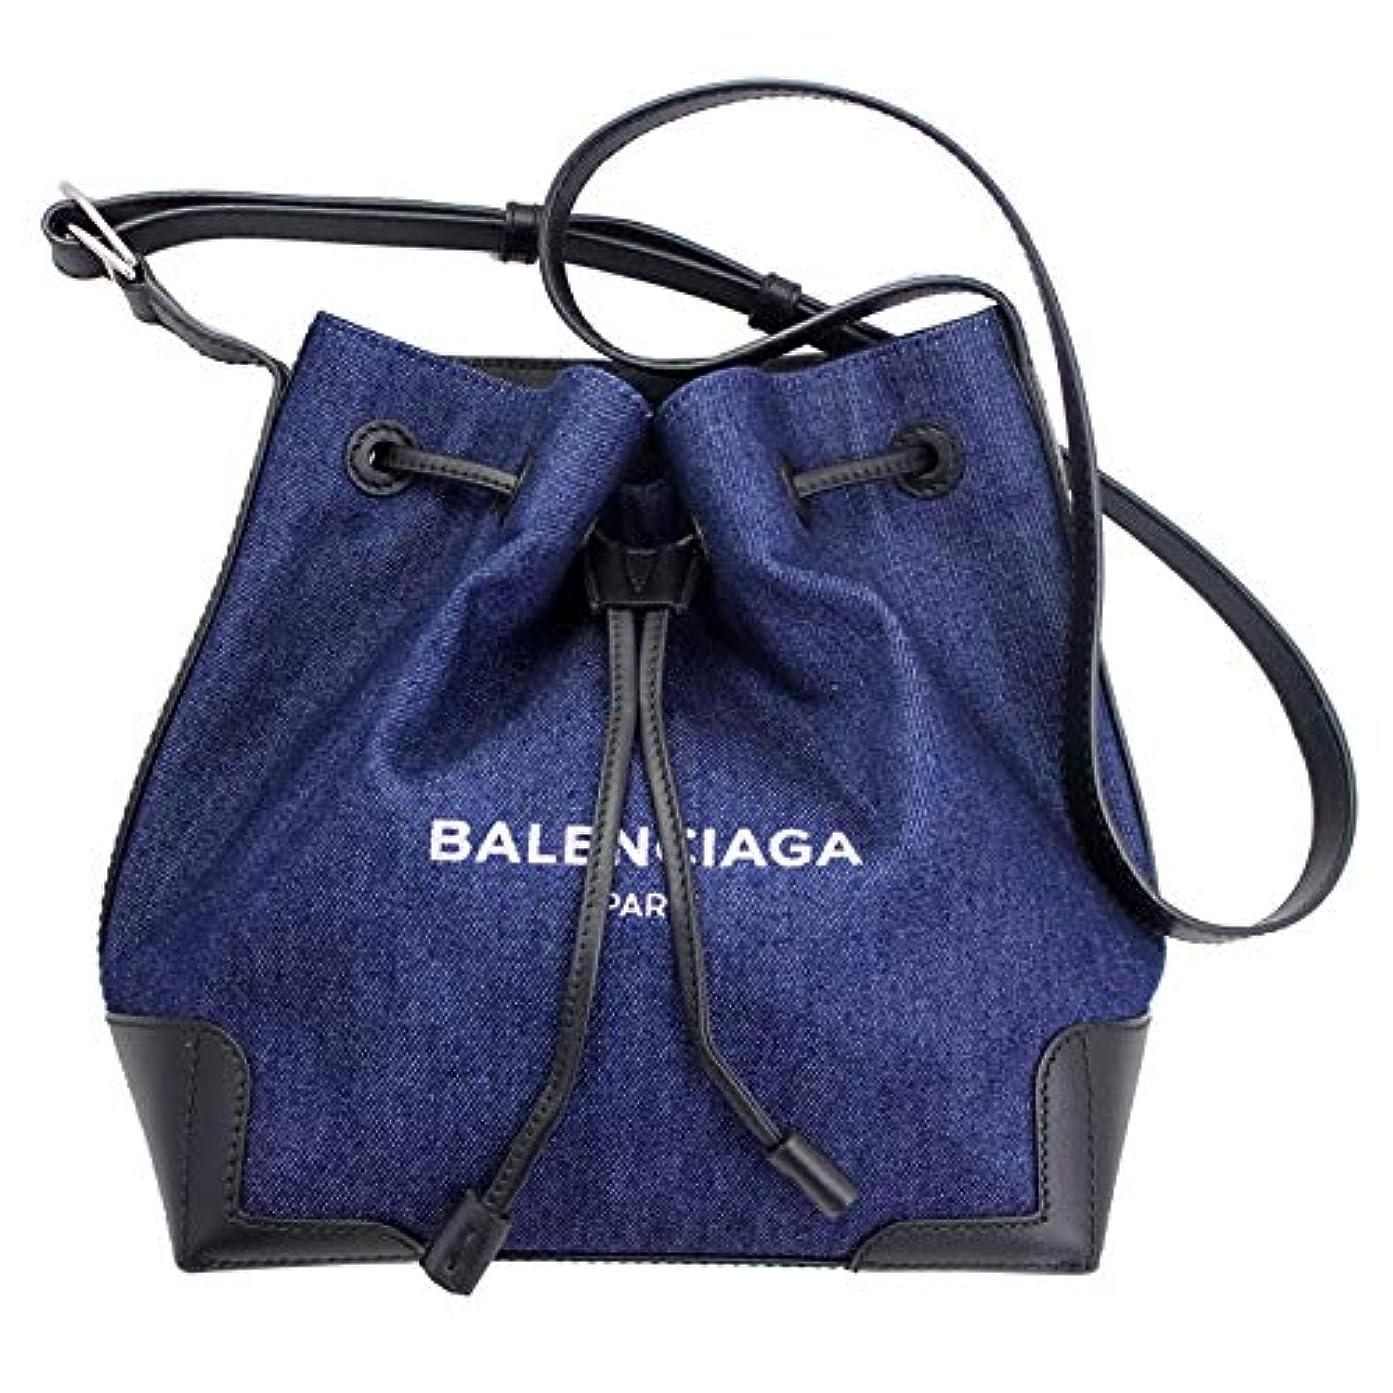 ハプニング温度計敵BALENCIAGA(バレンシアガ) 斜め掛けショルダーバッグ ネイビーバケット デニムブルー ポーチ付き 409000 50800